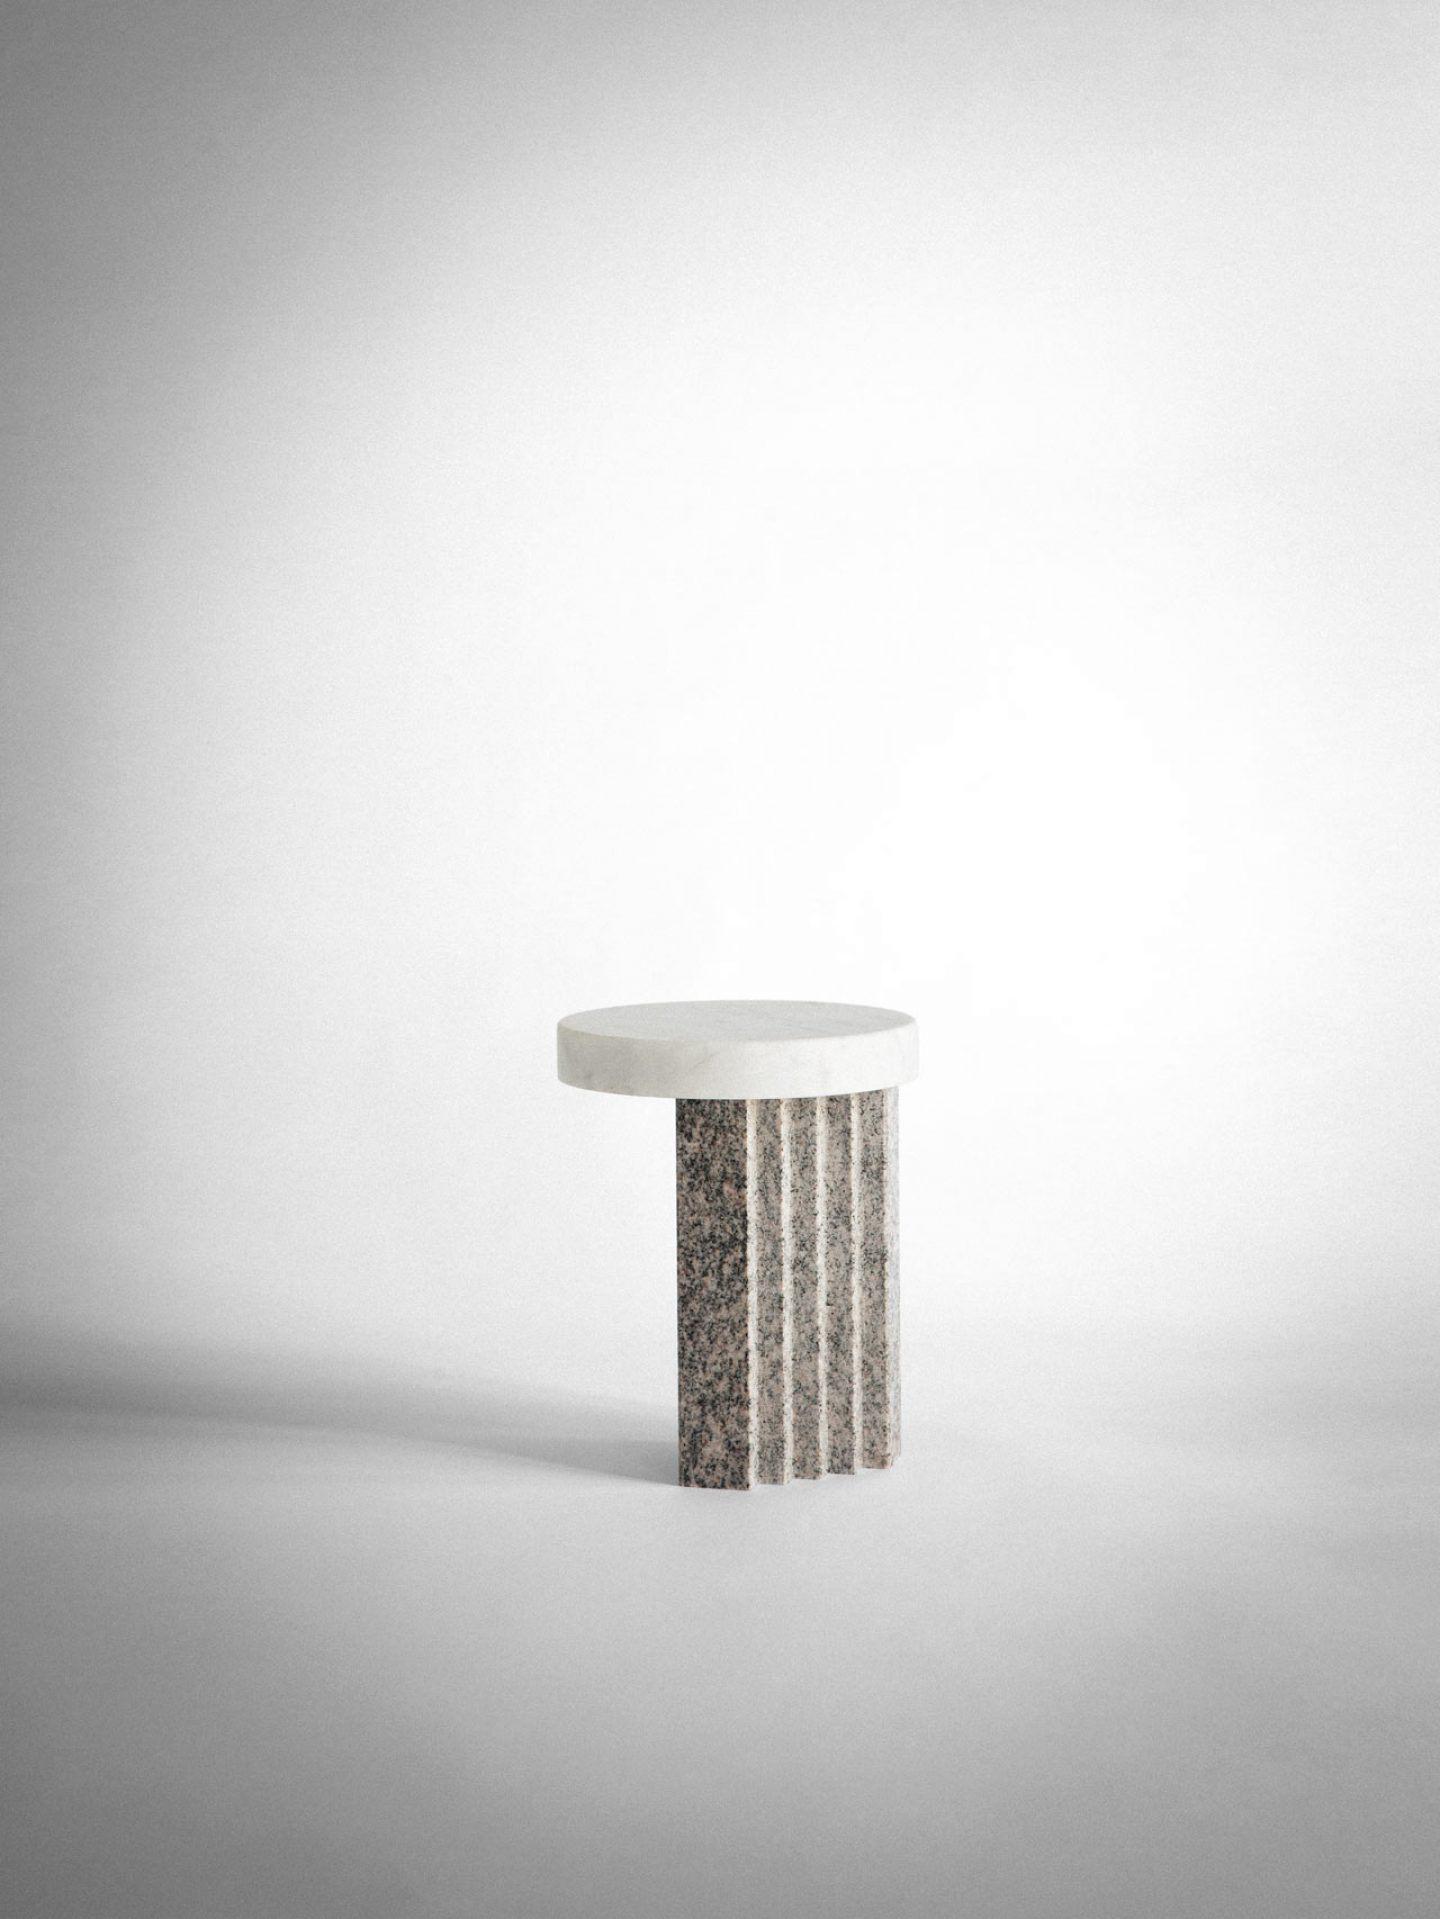 IGNANT-Design-Ossimorri-Studiopepe-6